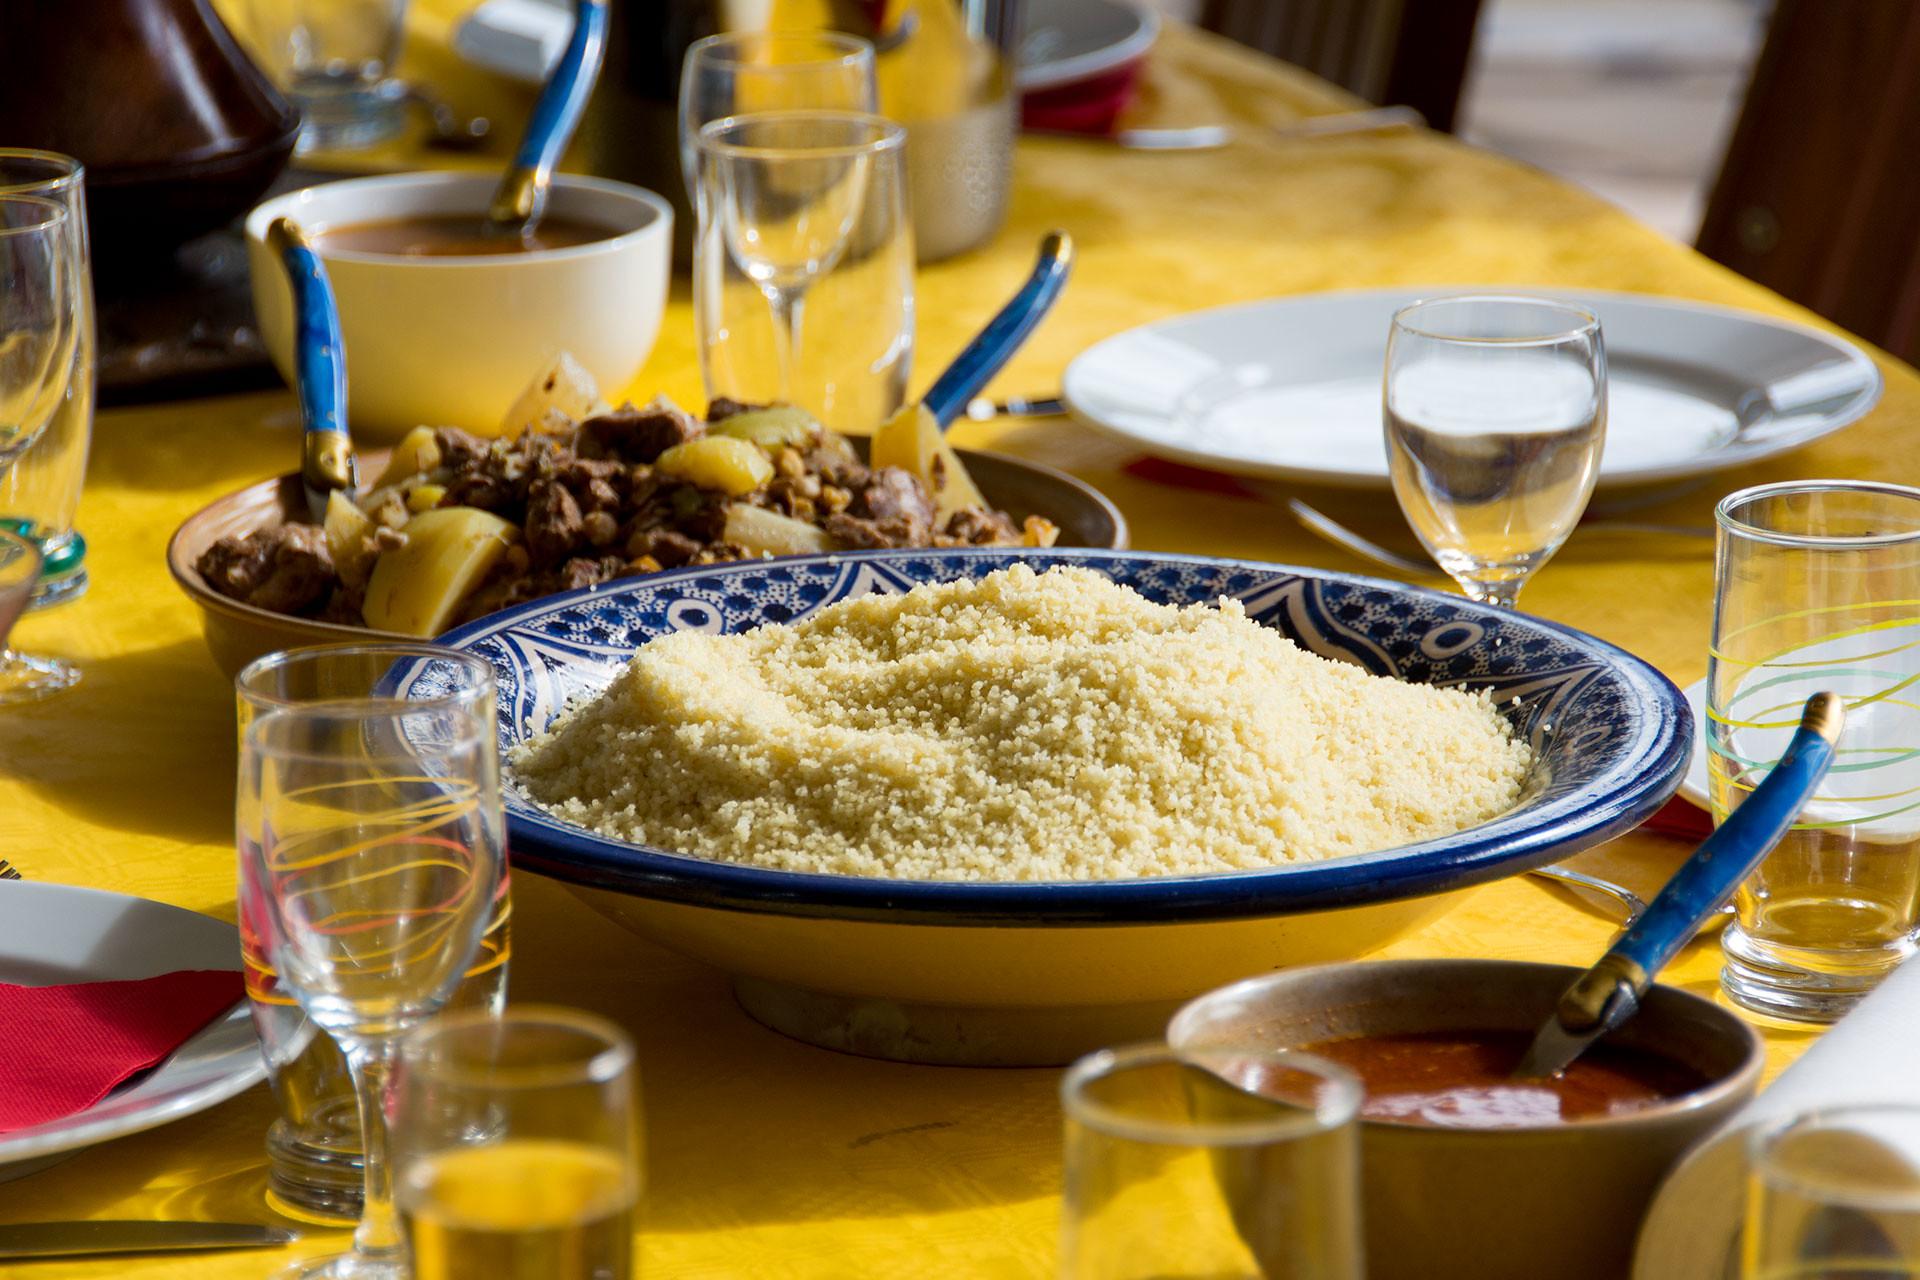 Филе-миньон со сливами Мирабель и кускусом